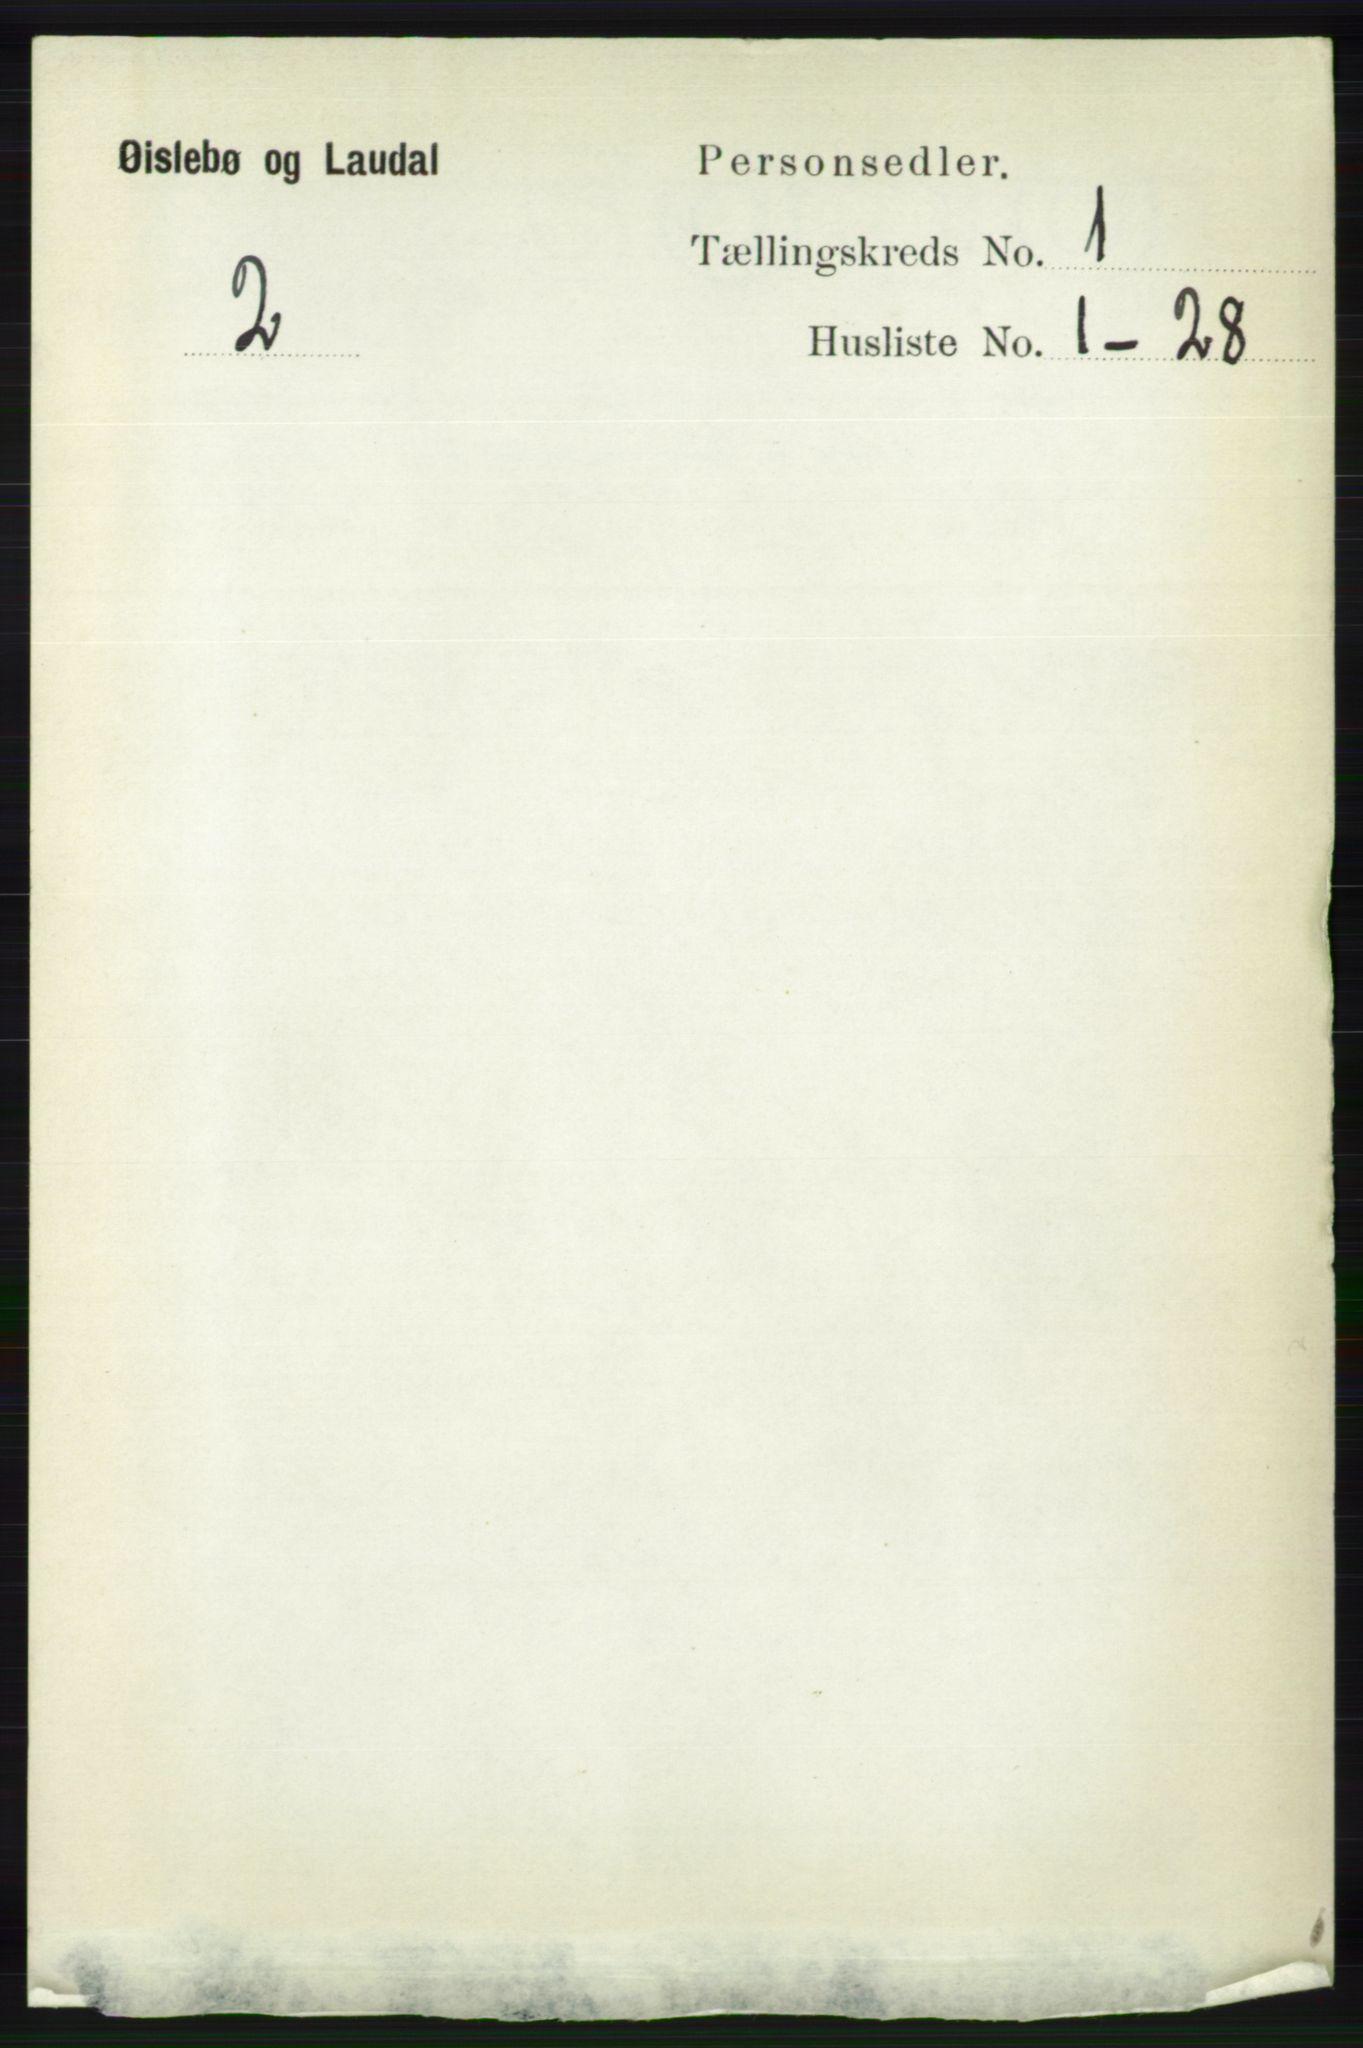 RA, Folketelling 1891 for 1021 Øyslebø og Laudal herred, 1891, s. 79